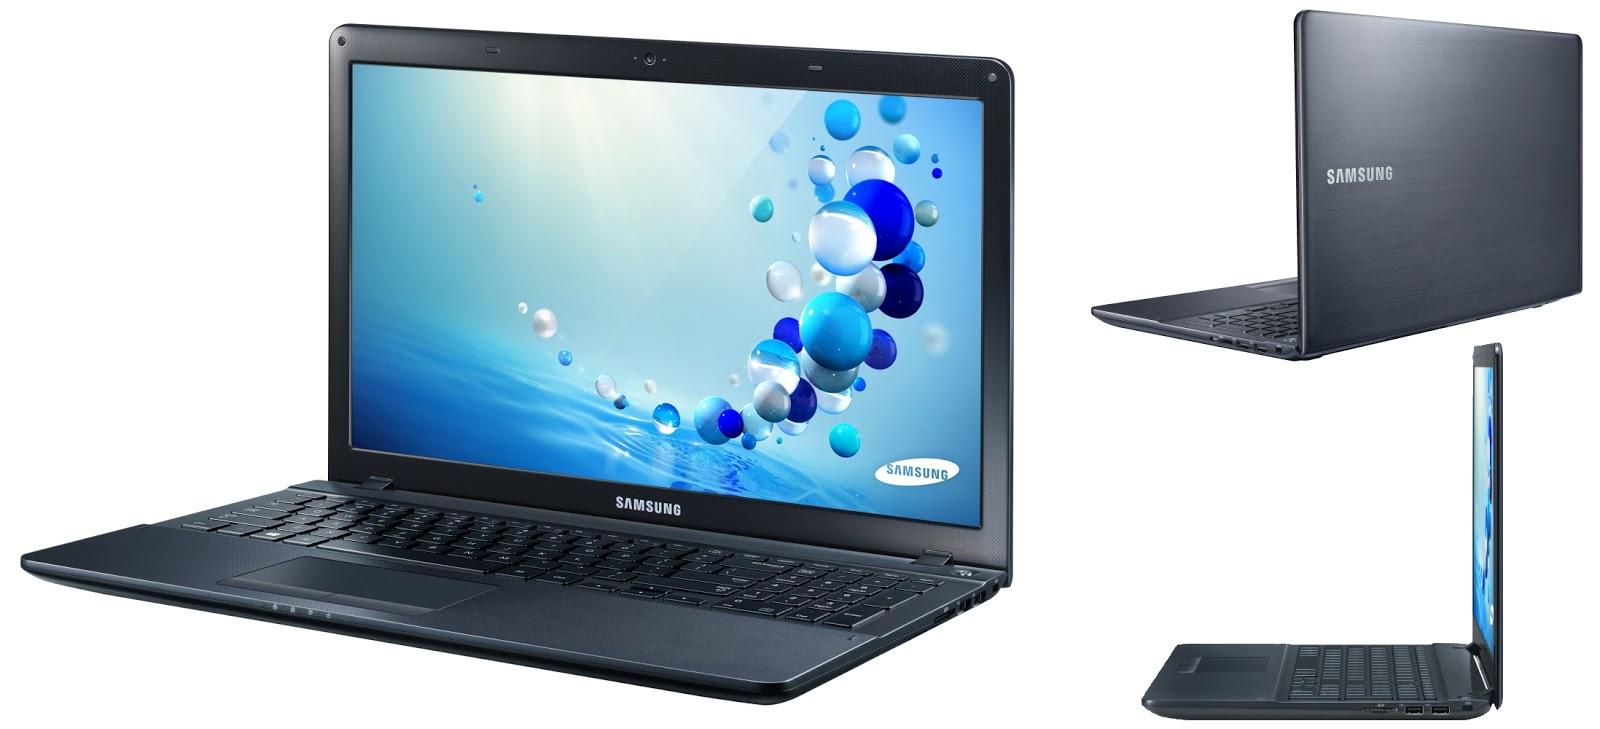 Notebook samsung com teclado numerico - Port Til Avanzado Samsung Ativ Book 4 Np470r5e X01nl